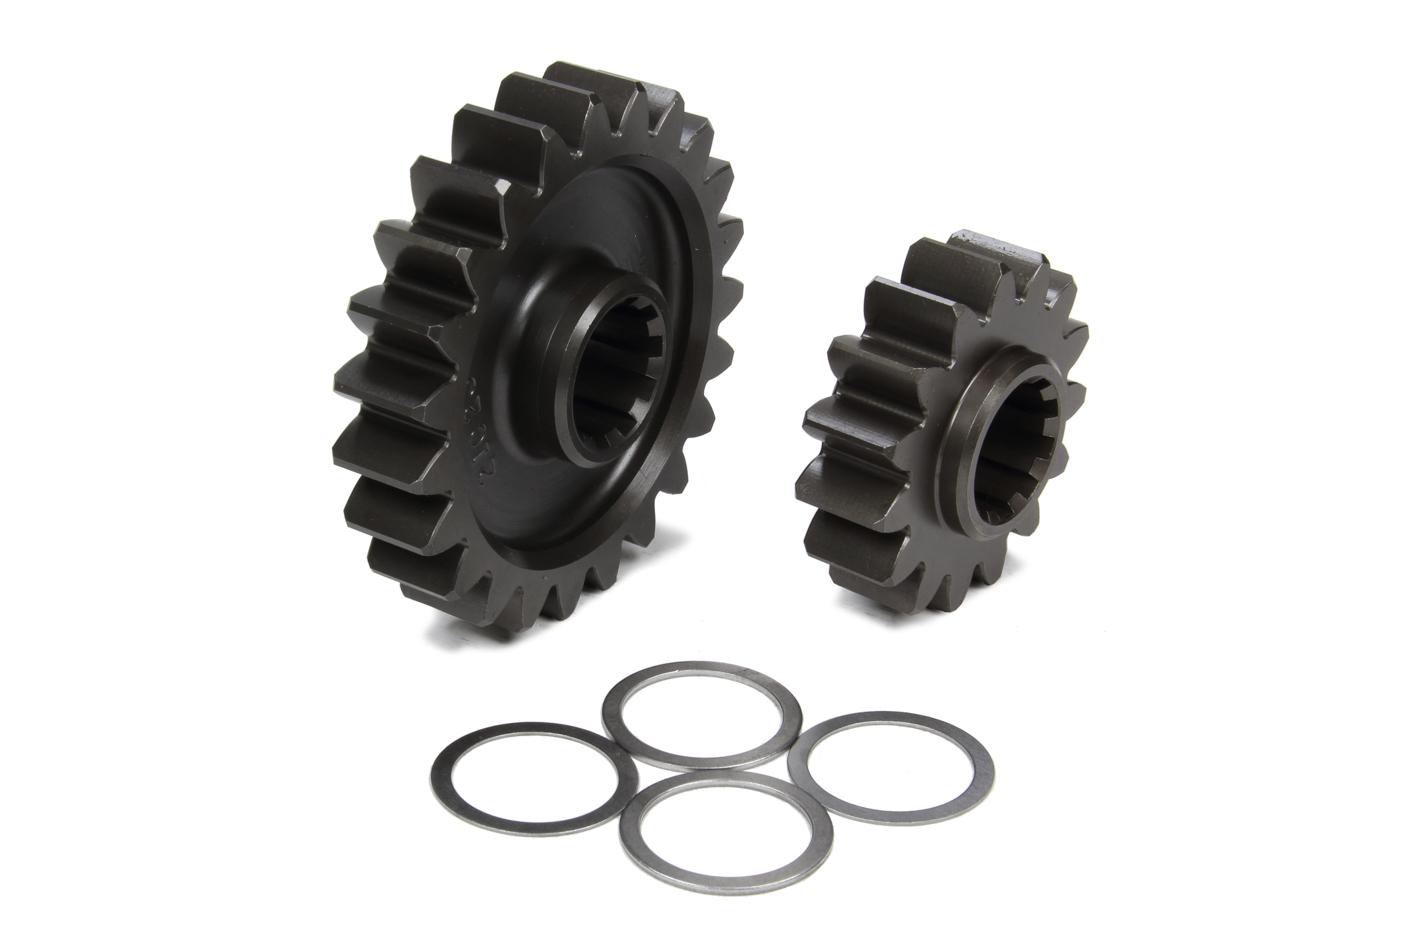 Coleman Machine 207-21C Quick Change Gear Set, Pro-Lite, Set 21C, 10 Spline, 4.11 Ratios 6.30 / 2.68, 4.86 Ratios 7.45 / 3.17, Steel, Each